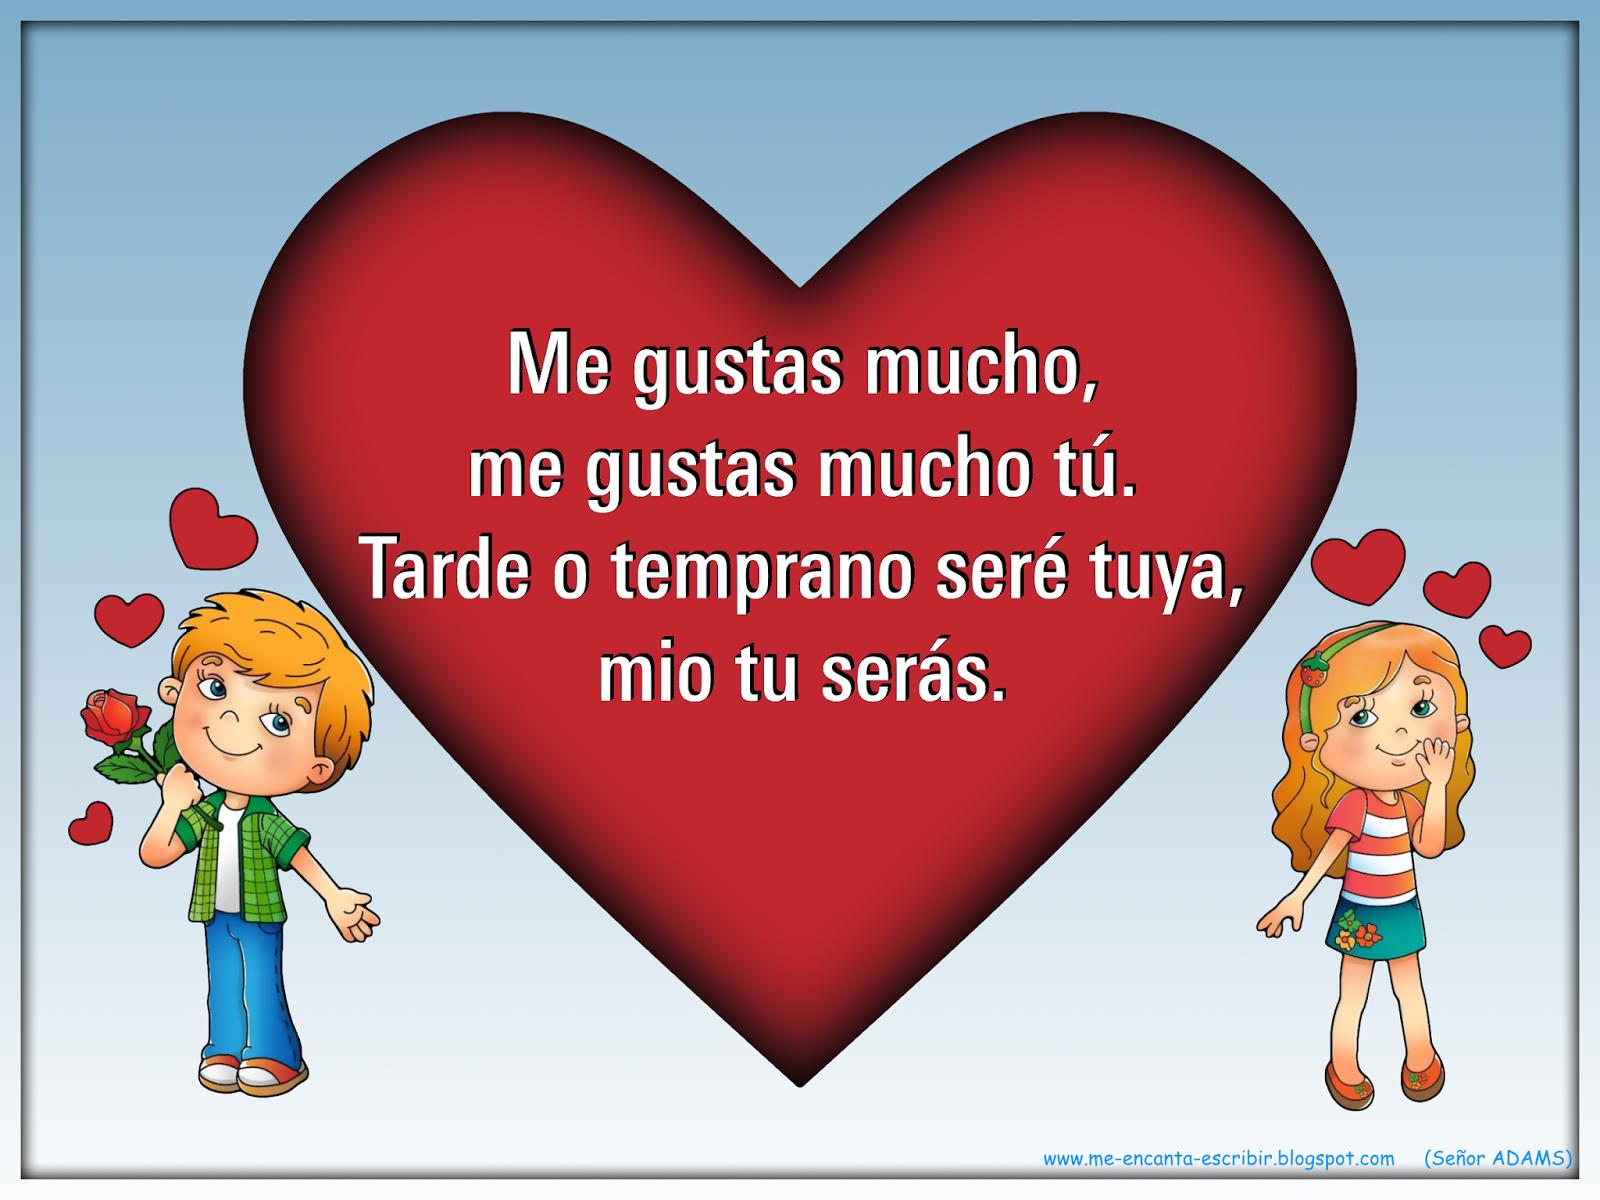 Me encanta escribir en español: Me gustas mucho